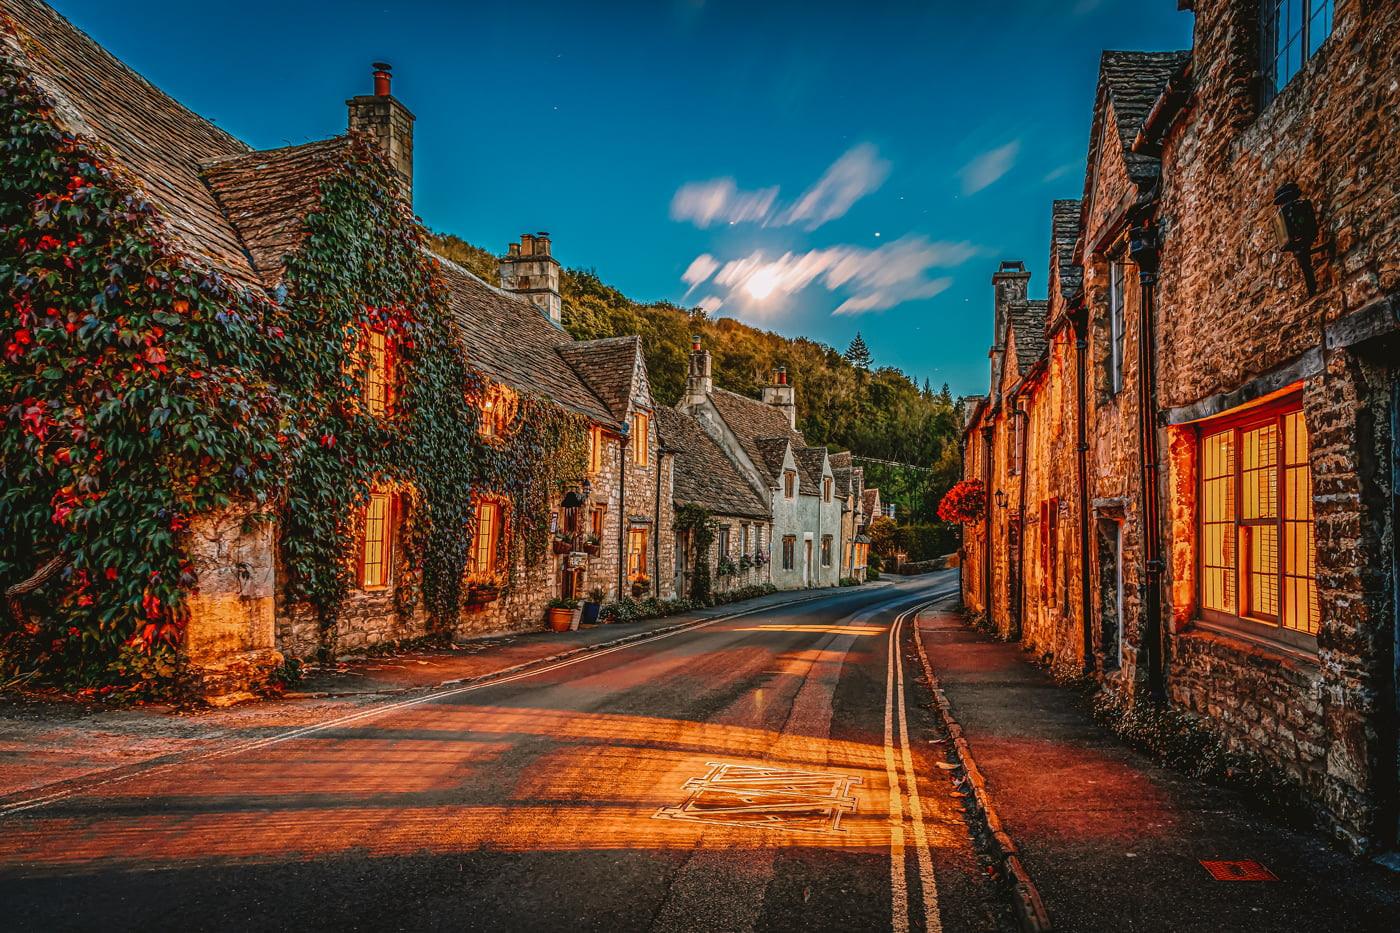 Prettiest village in England